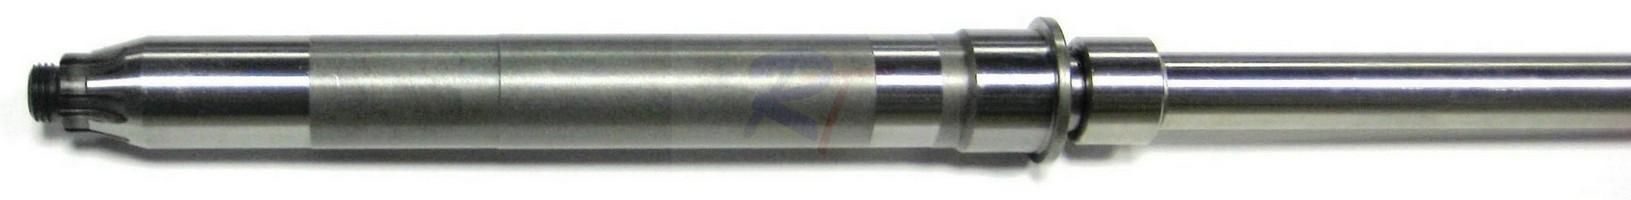 RTT-66T-45501-01. Вал ведущий, вертикальный RTT-66T-45501-01